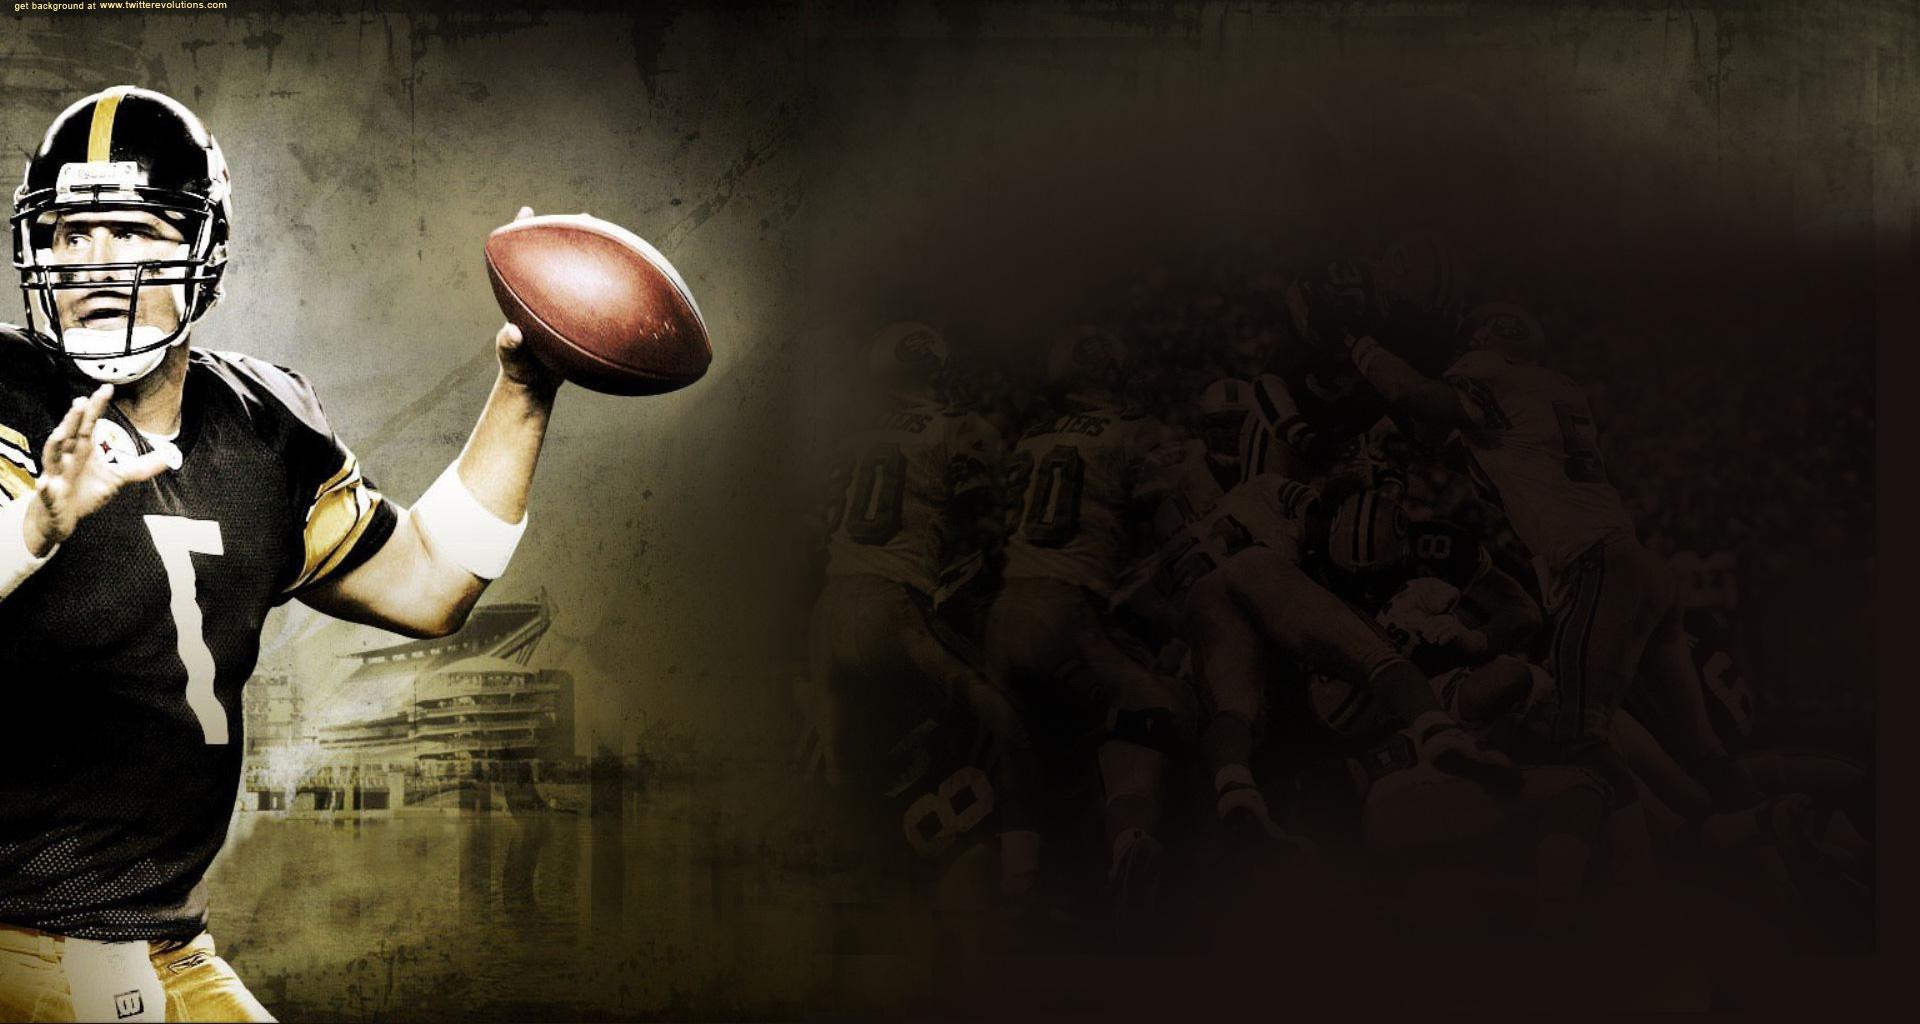 Cool American Football Wallpapers - WallpaperSafari